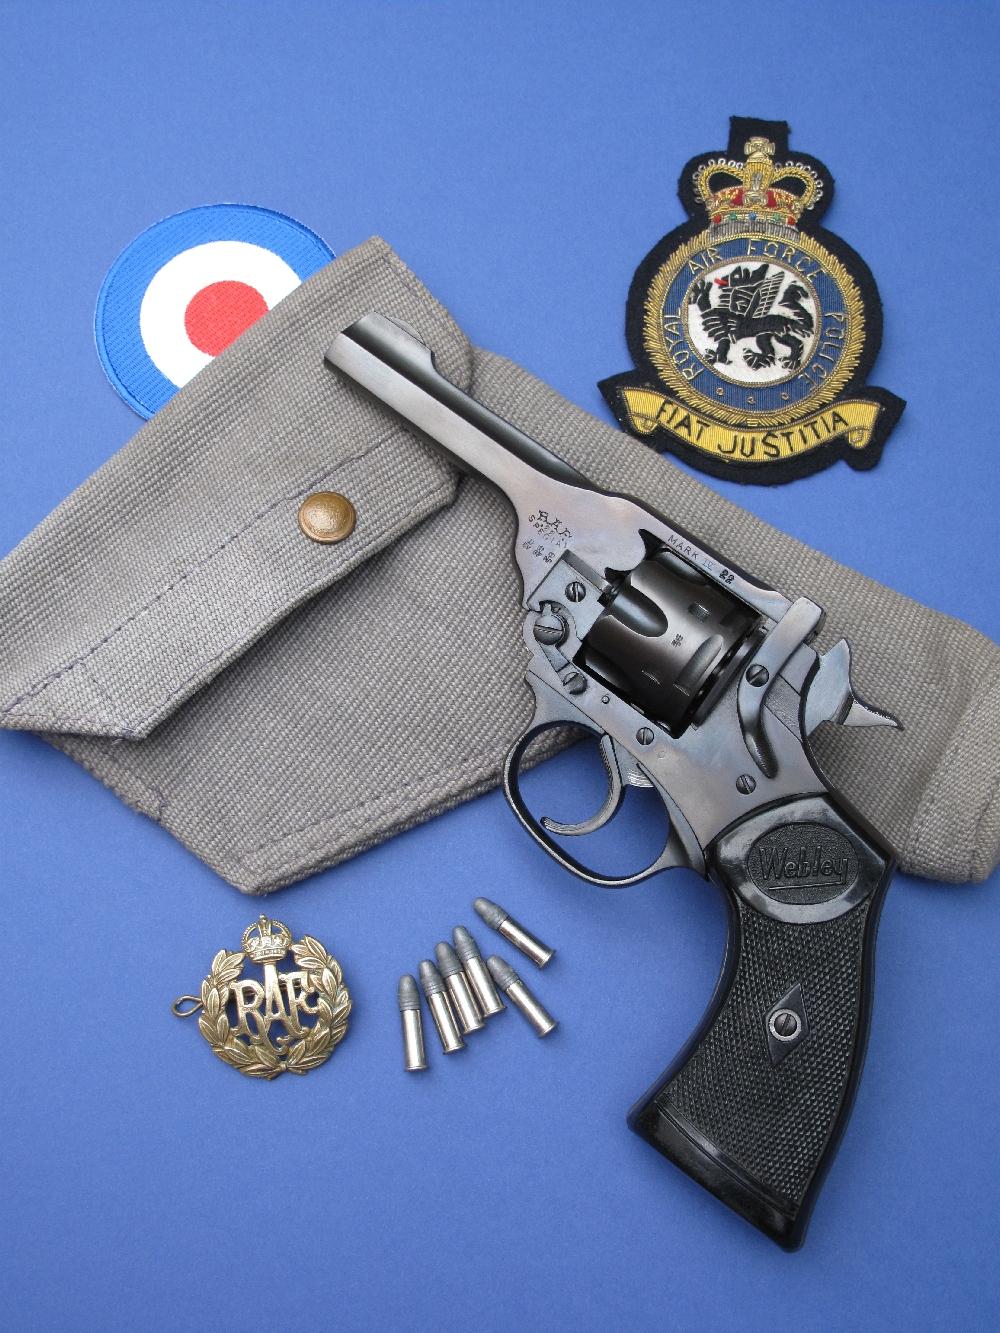 Le revolver Webley Mark IV « RAF 22 Special », entouré de quelques accessoires d'époque : un insigne de casquette en métal de la RAF, un holster en web de la RAF (couleur gris bleu) pour Webley ou Enfield de calibre .38 daté de 1943 et un patch en tissu brodé de la RAFP (Royal Air Force Police).